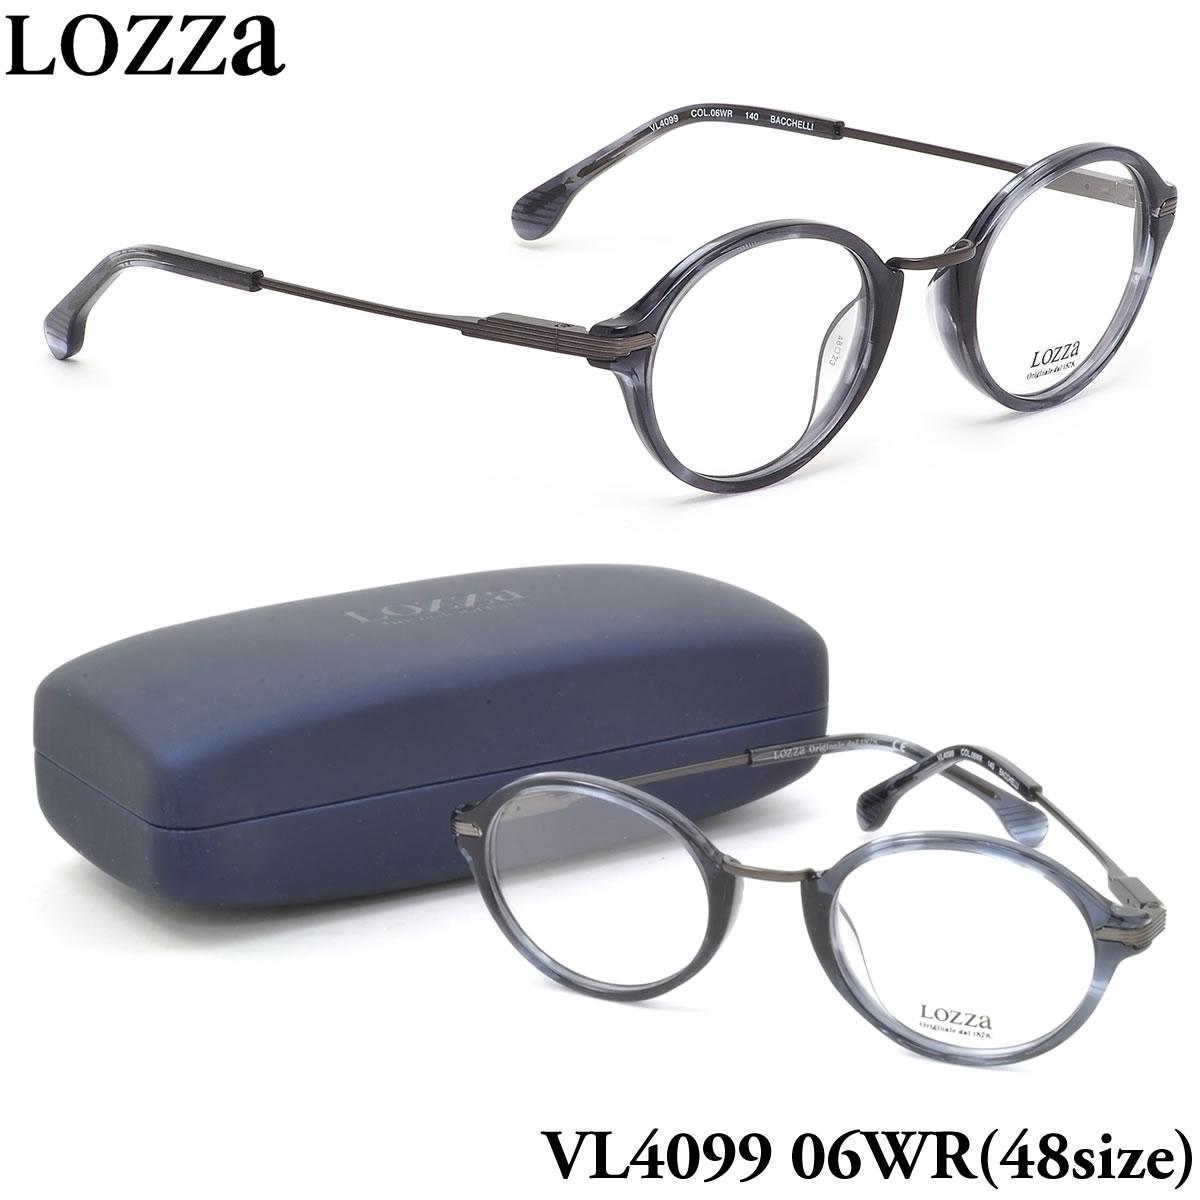 ほぼ全品ポイント15倍~最大43倍+3倍!お得なクーポンも! 【ロッツァ】 (LOZZA) メガネVL4099 06WR 48サイズBACCHELLI LOZZA メンズ レディース